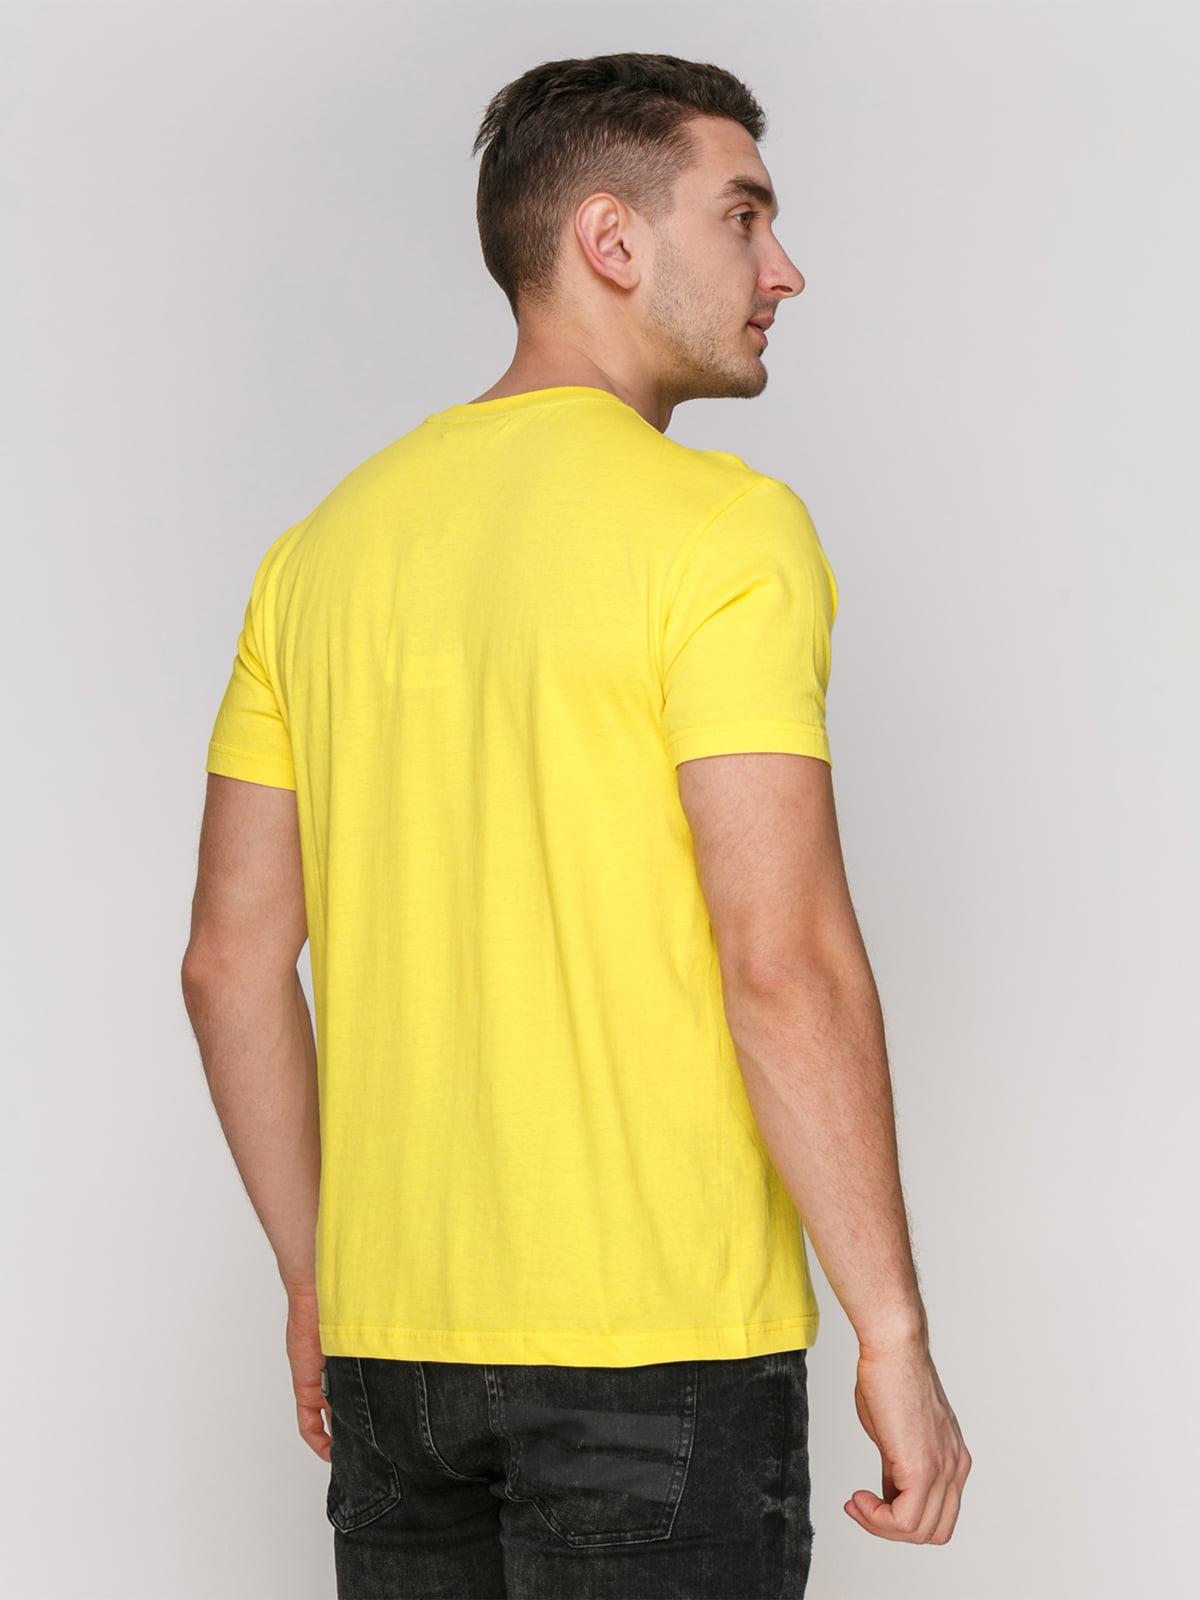 Футболка желтая с принтом | 4854976 | фото 2